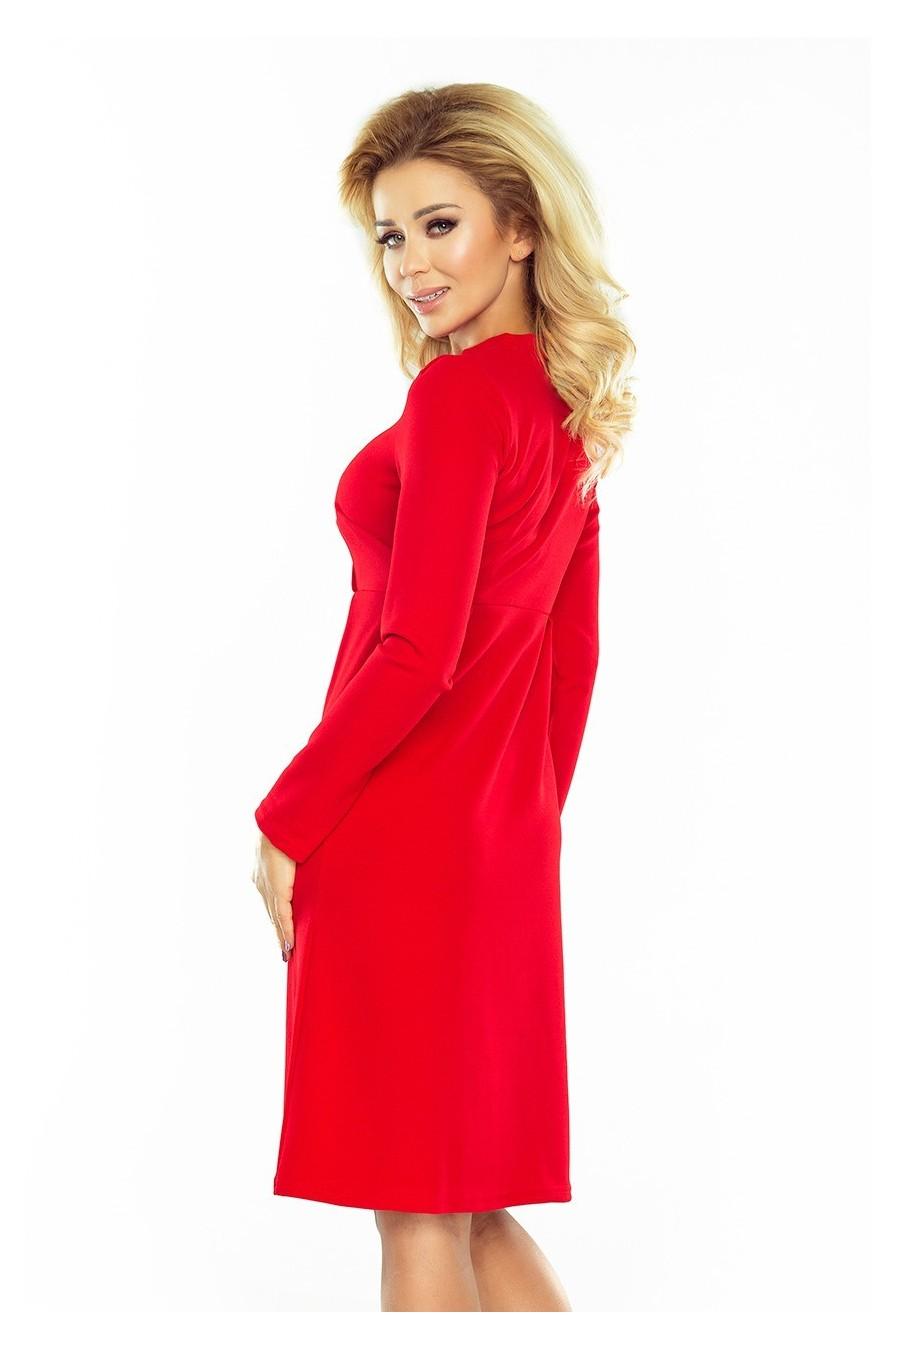 OLA trapézové šaty, svázaný pod krkem - červené 158-2